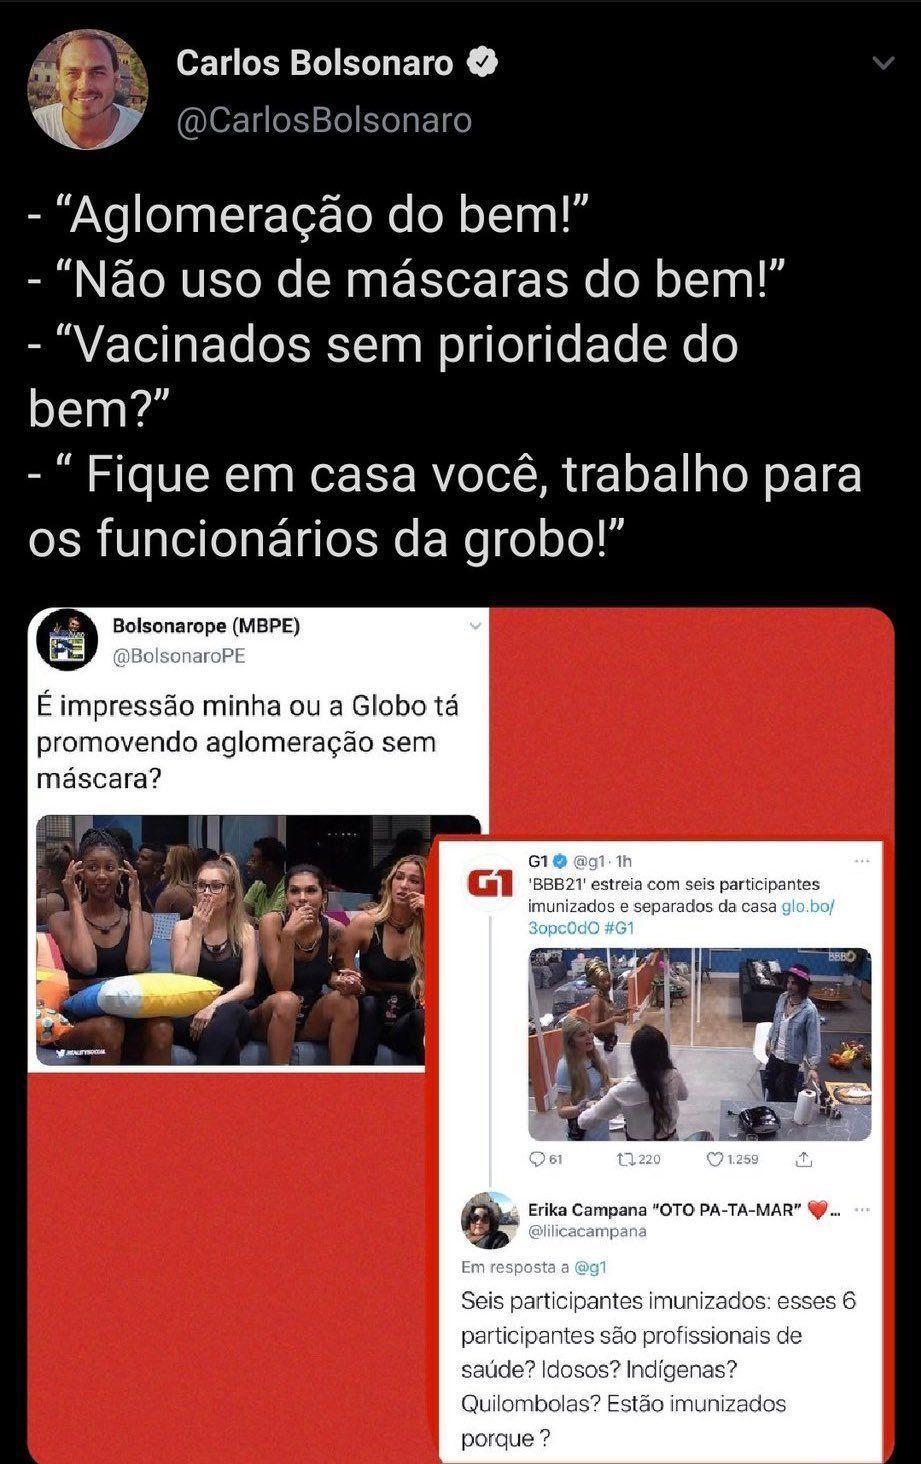 Imagem mostra tuíte de Carlos Bolsonaro sobre os brothers imunizados do BBB